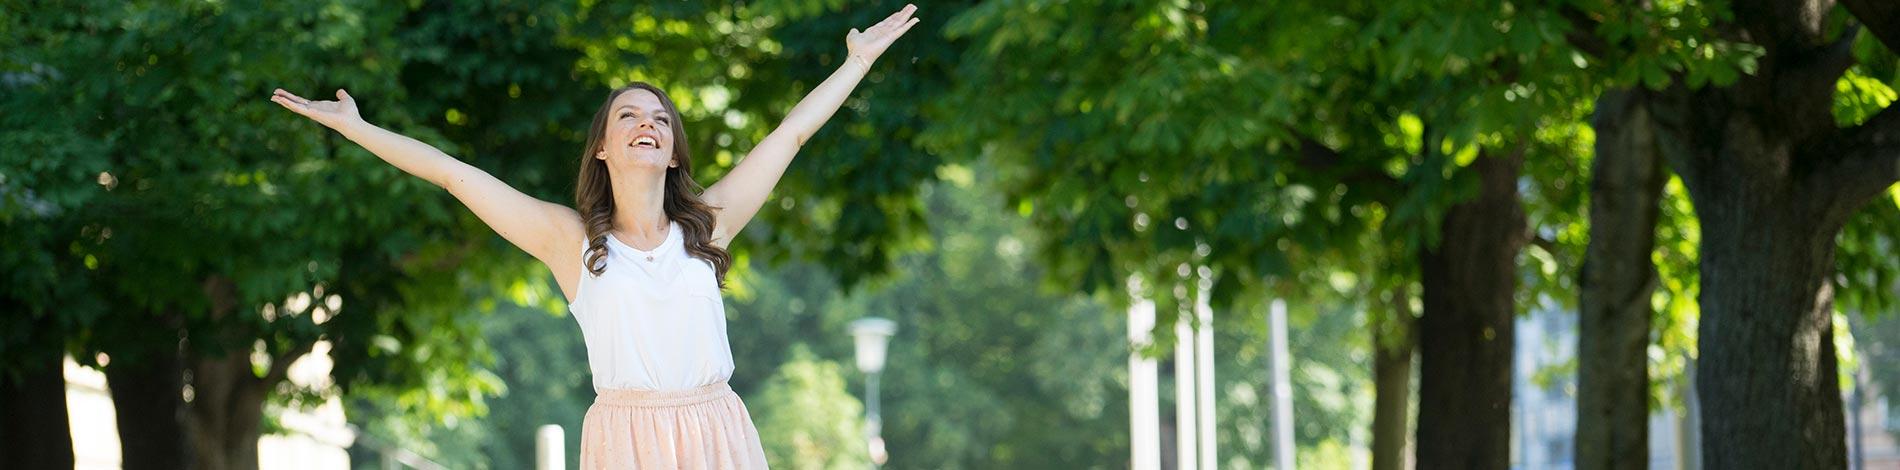 Frau nstrahlt in den Himmel und hebt ihre Arme